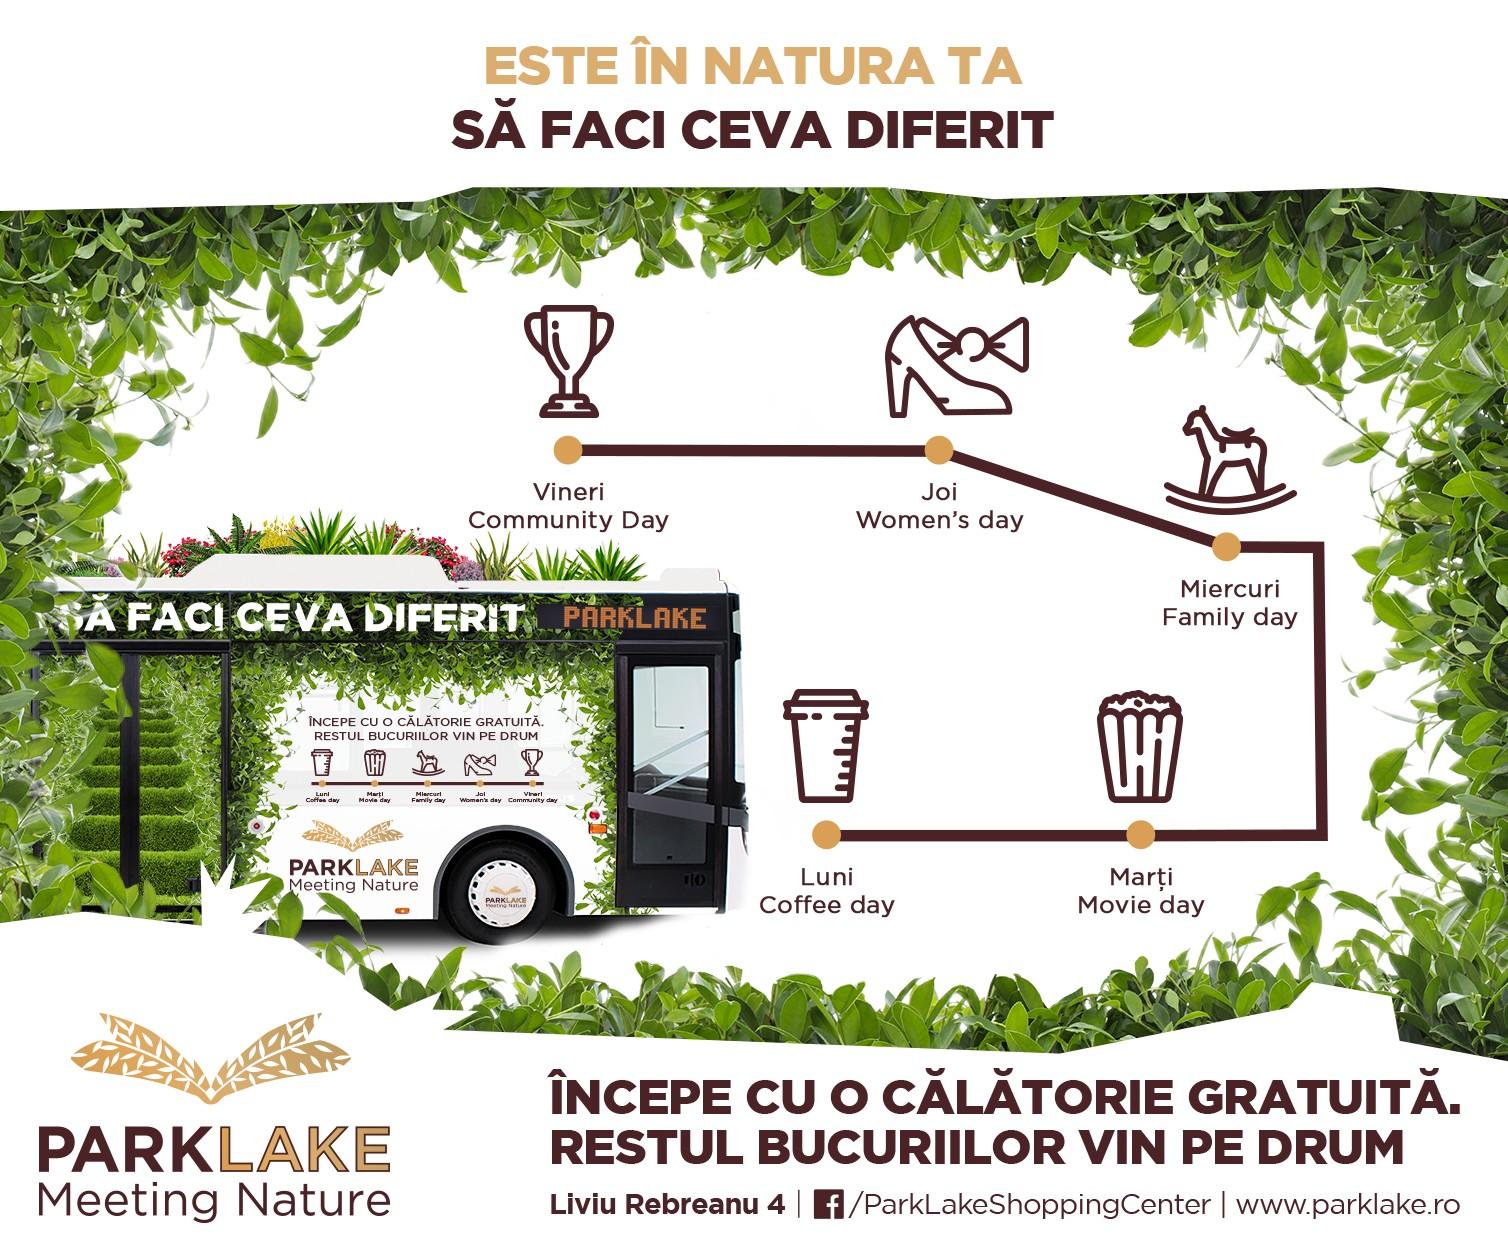 KV ParkLake Autobuz 3